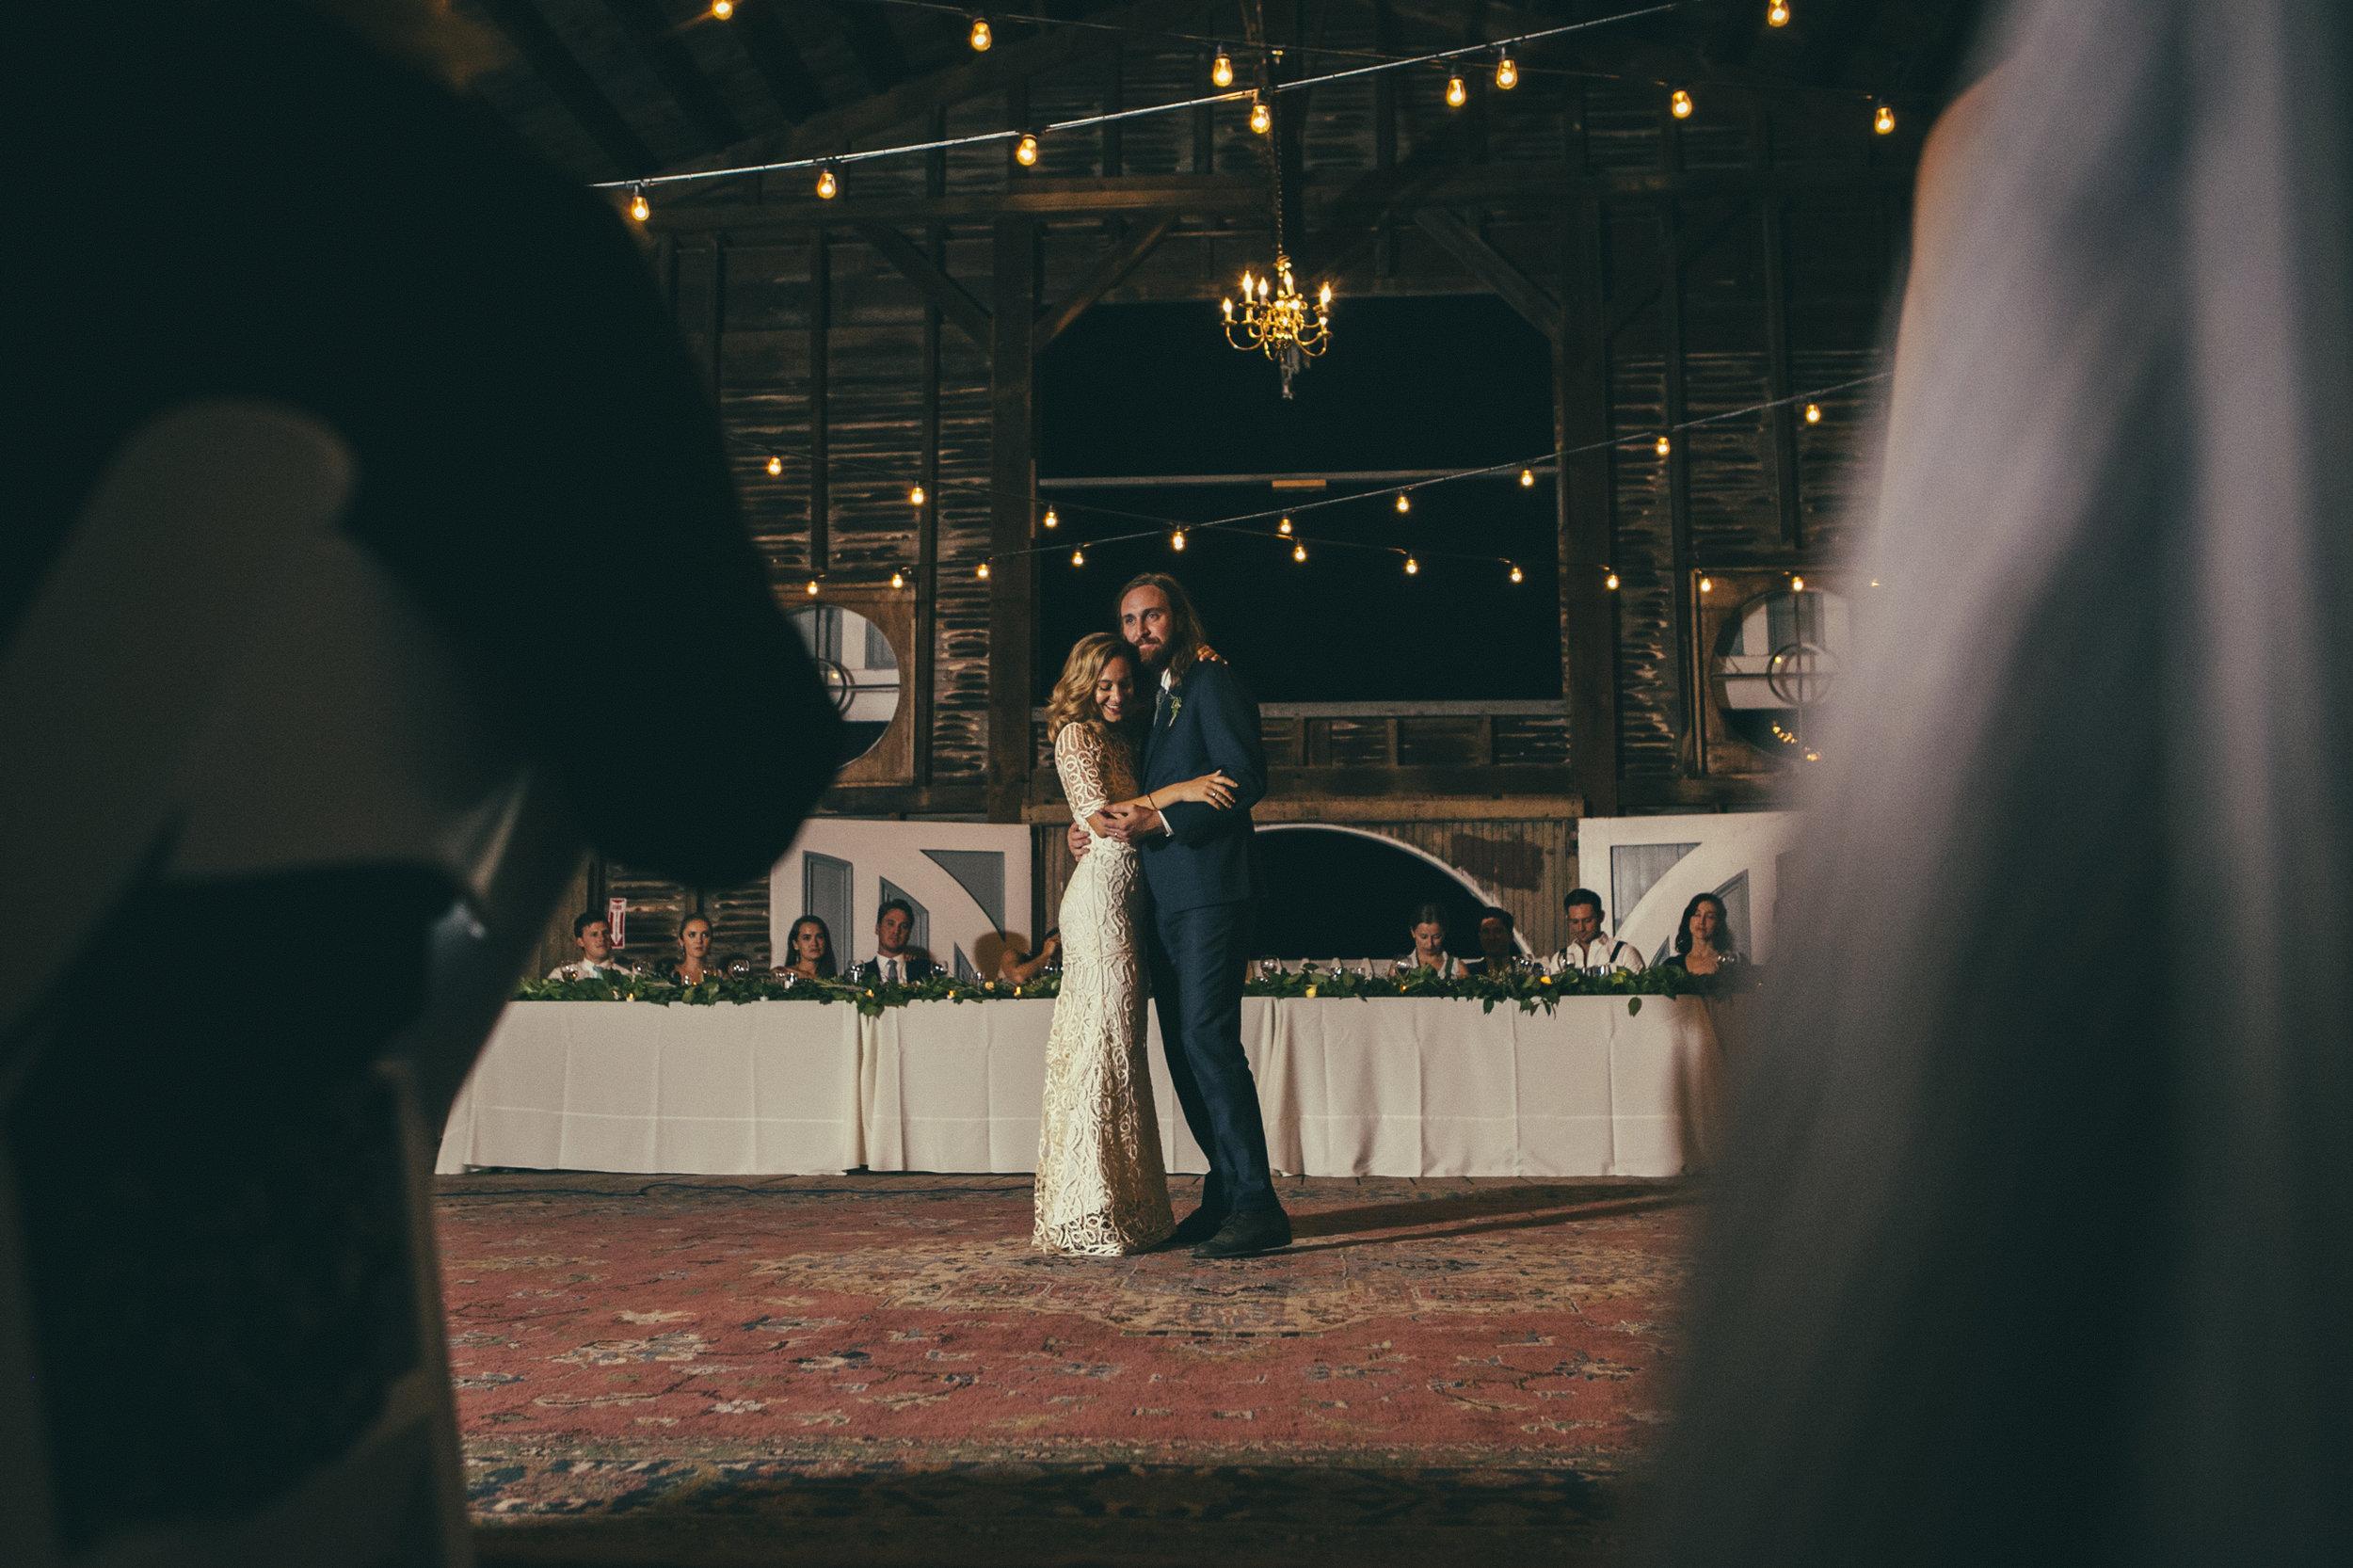 Em_and_Ax_00_wedding-750.jpg